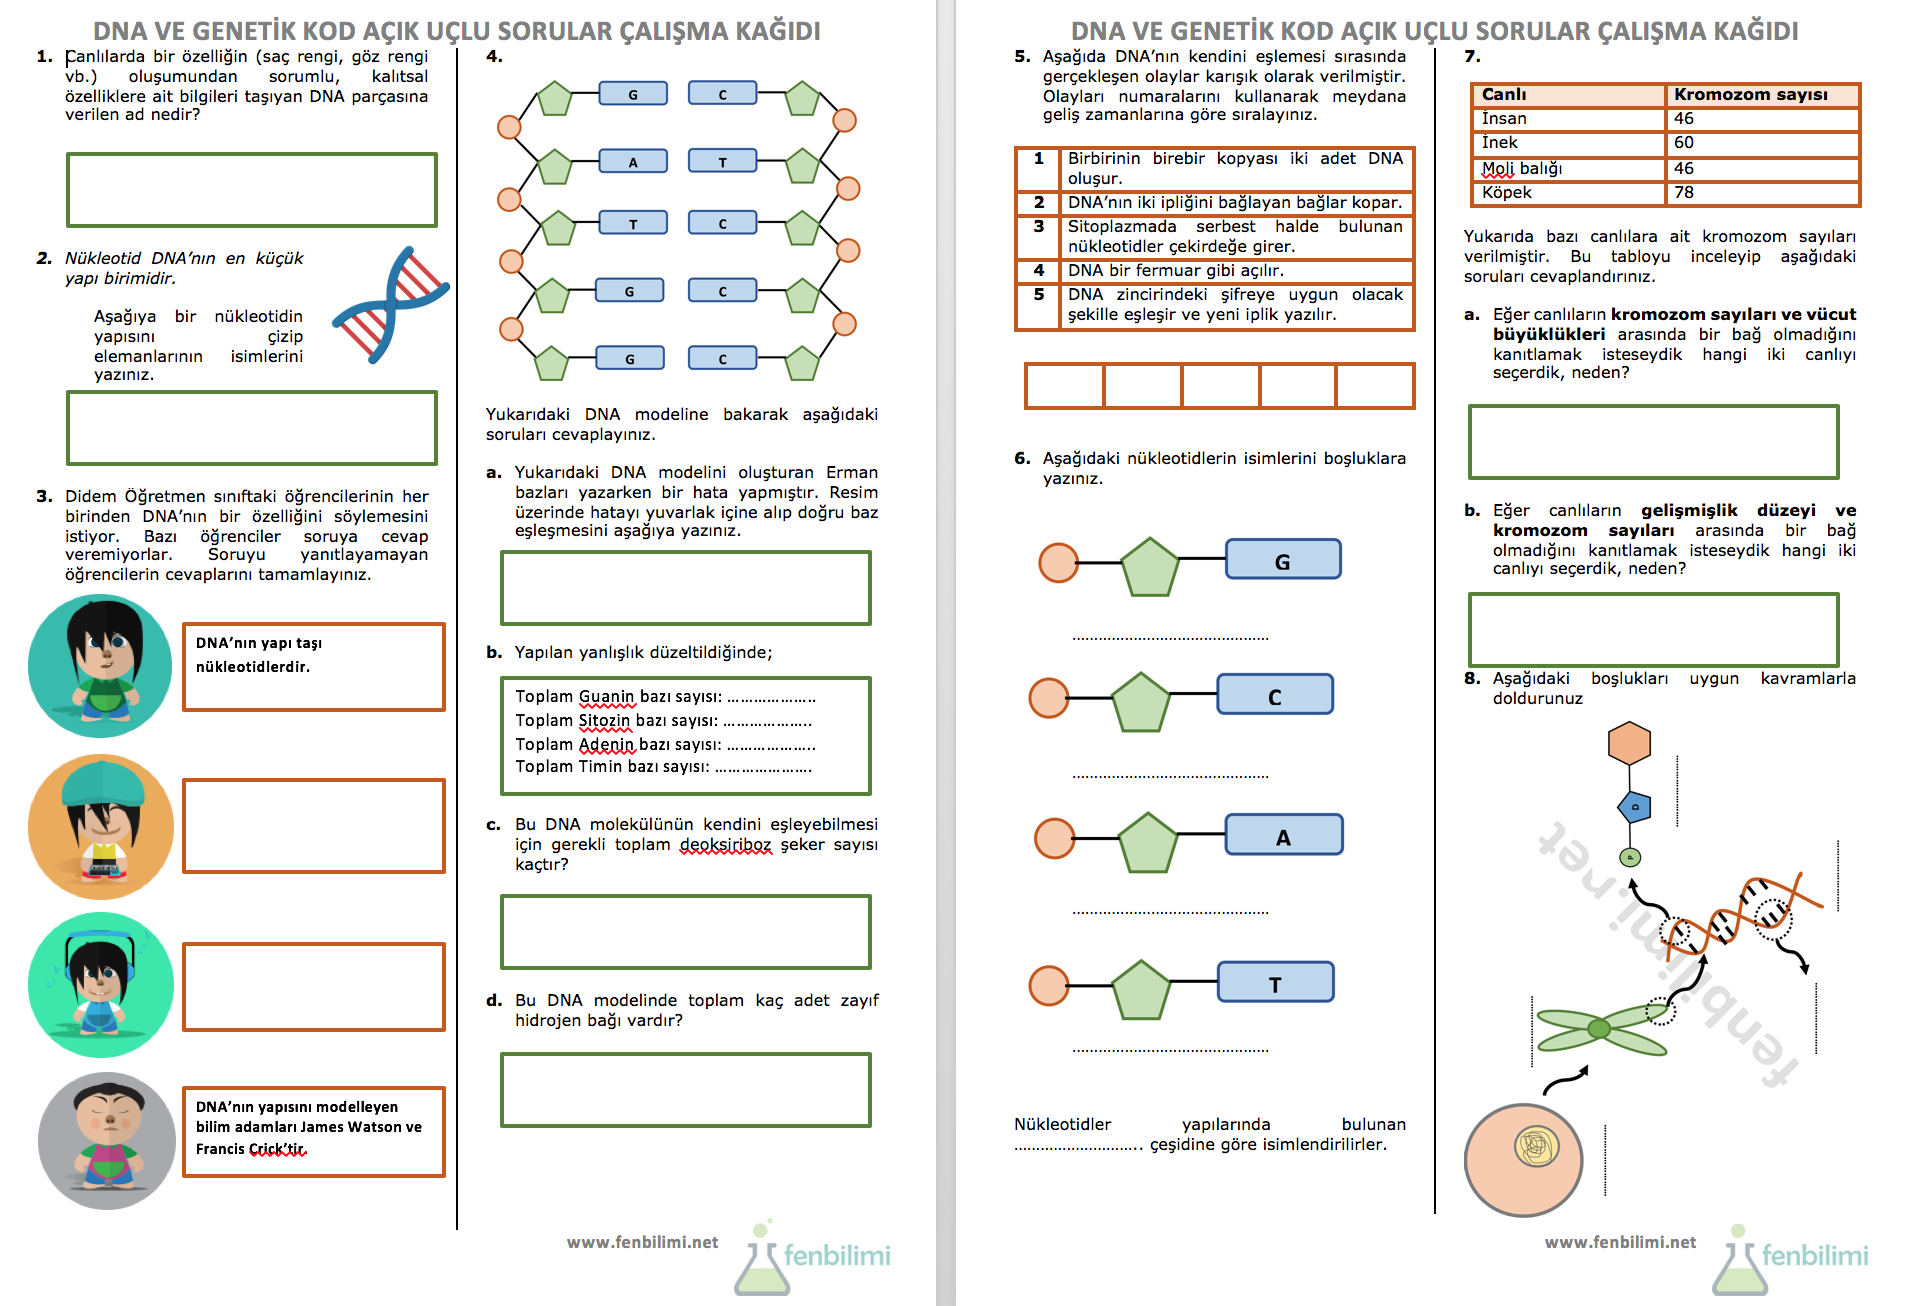 Dna Ve Genetik Kod Acik Uclu Sorular Calisma Kagidi Fenbilimi